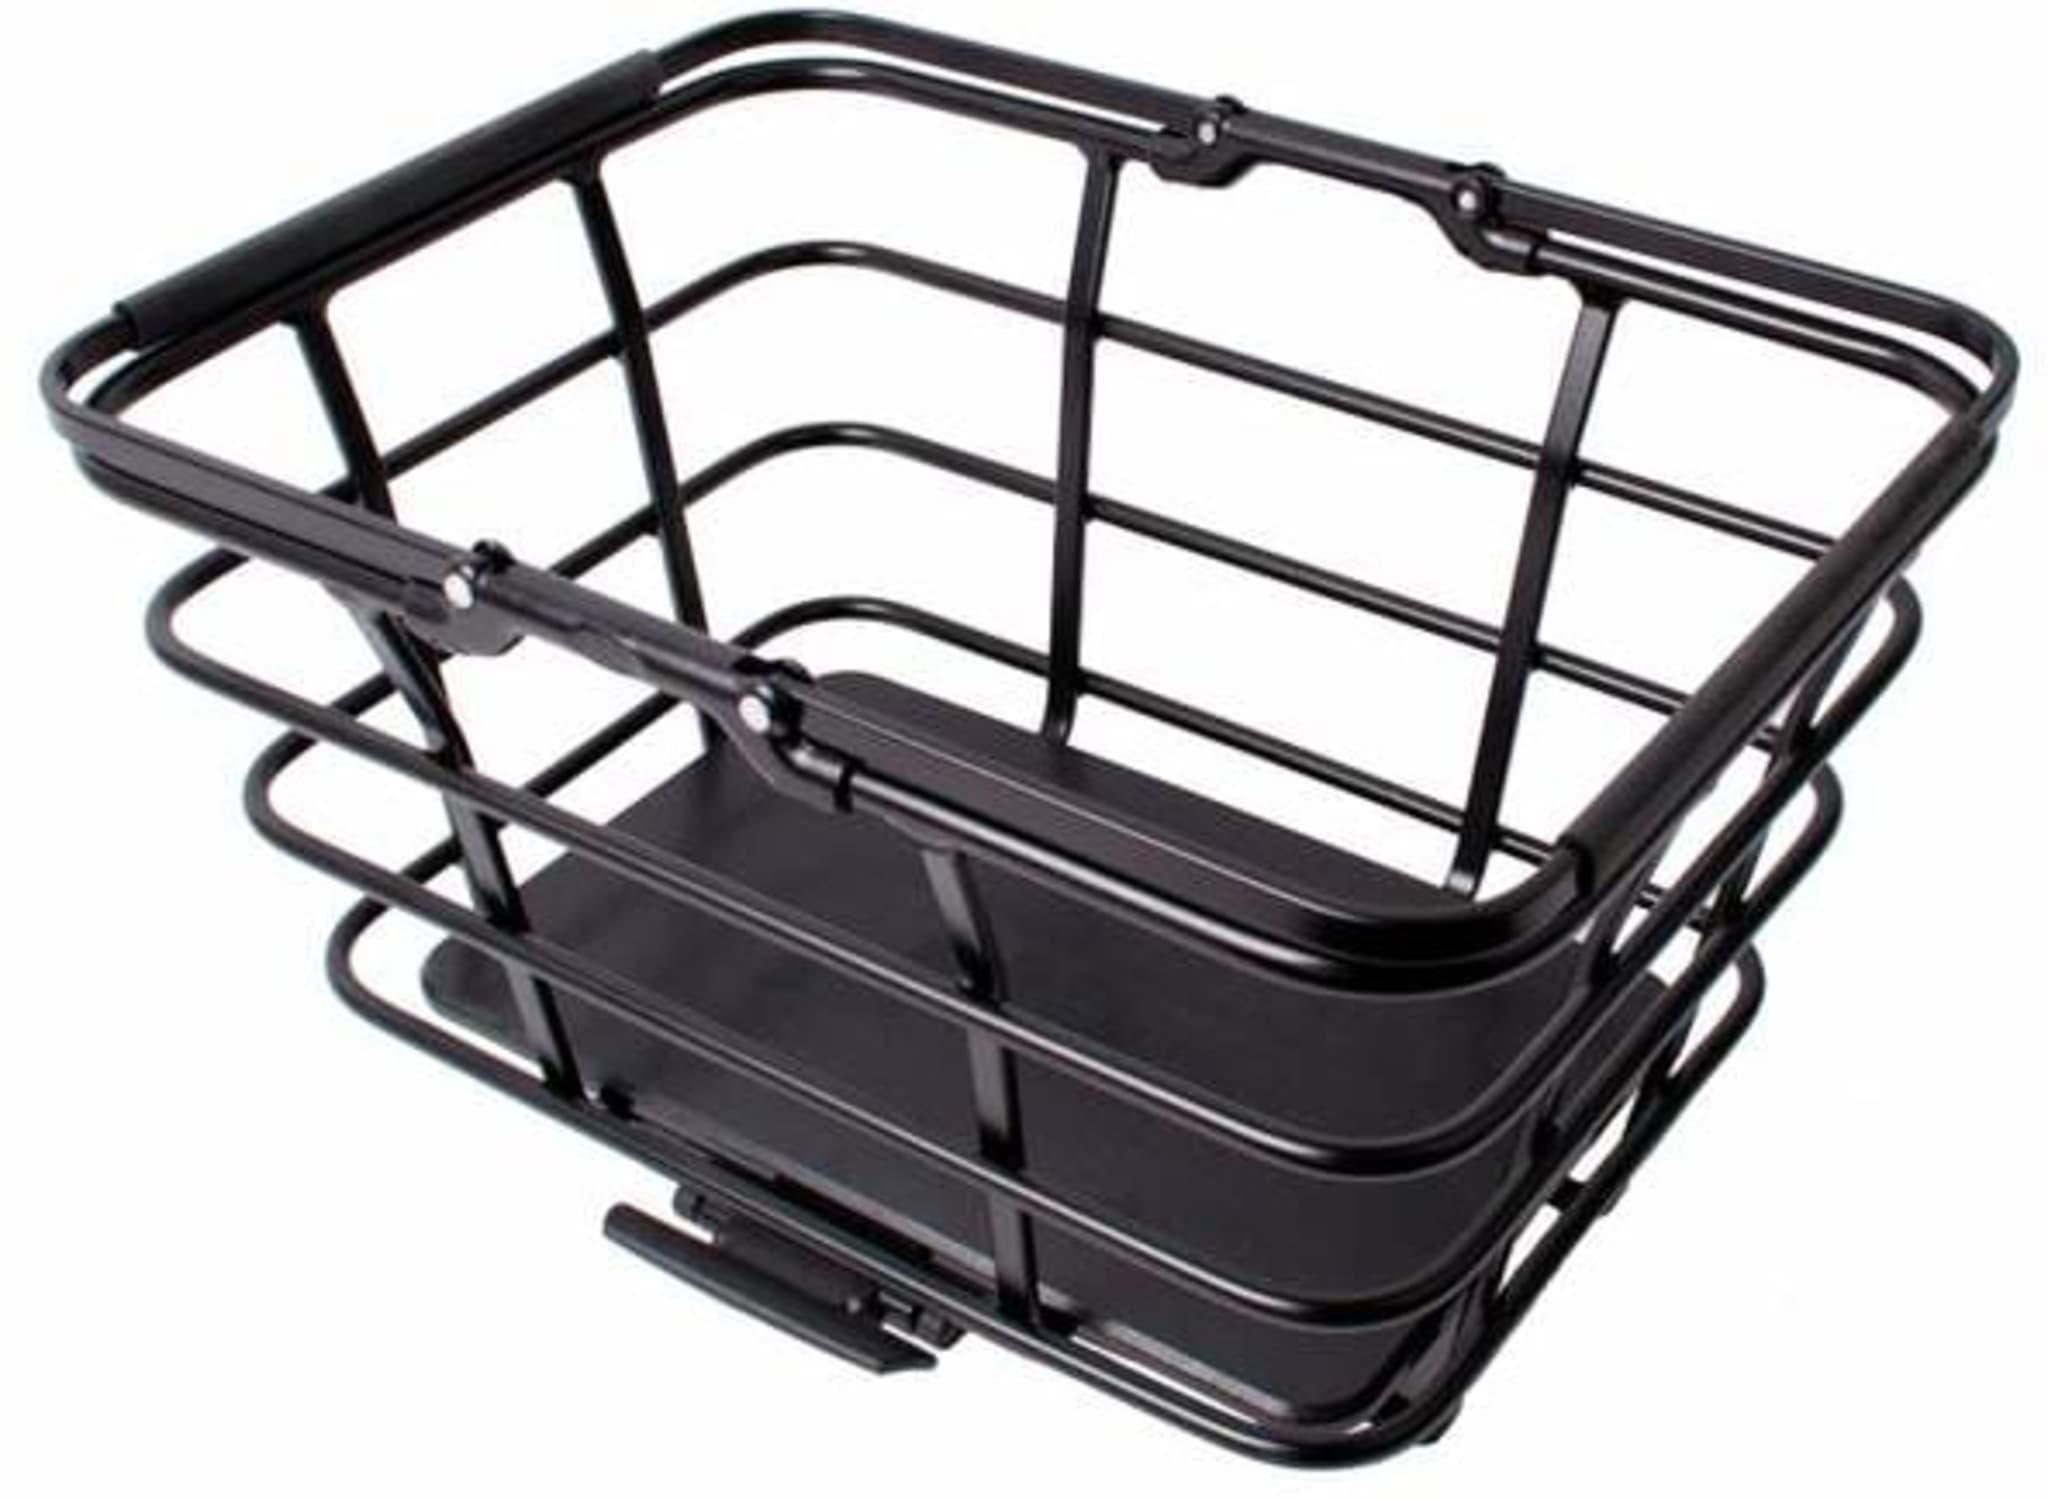 Kurv EPIC MULTI basket with AV